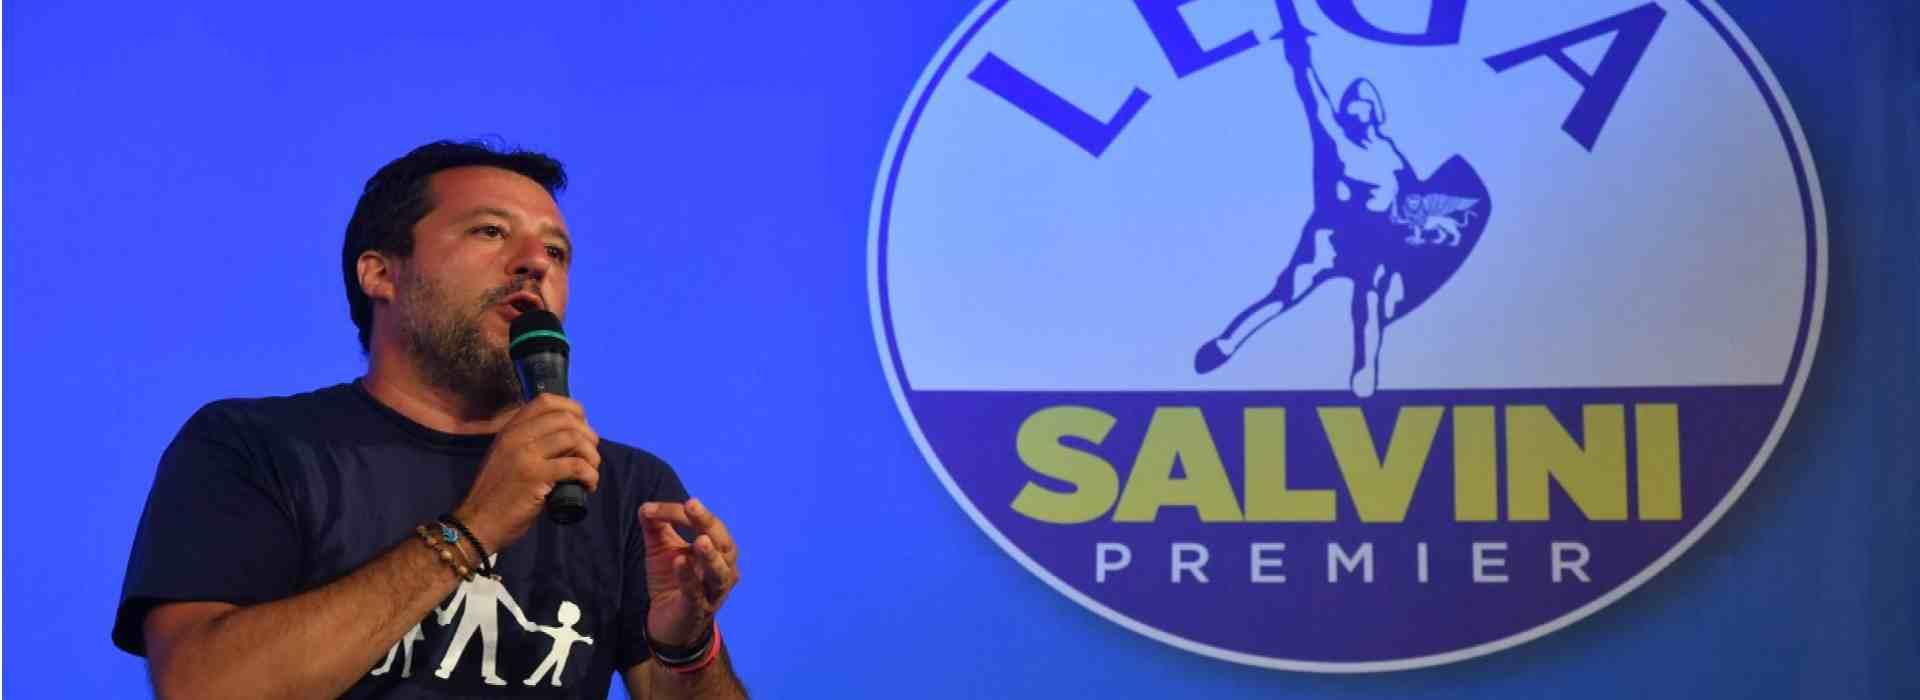 Matteo Salvini con il simbolo della Lega alle spalle